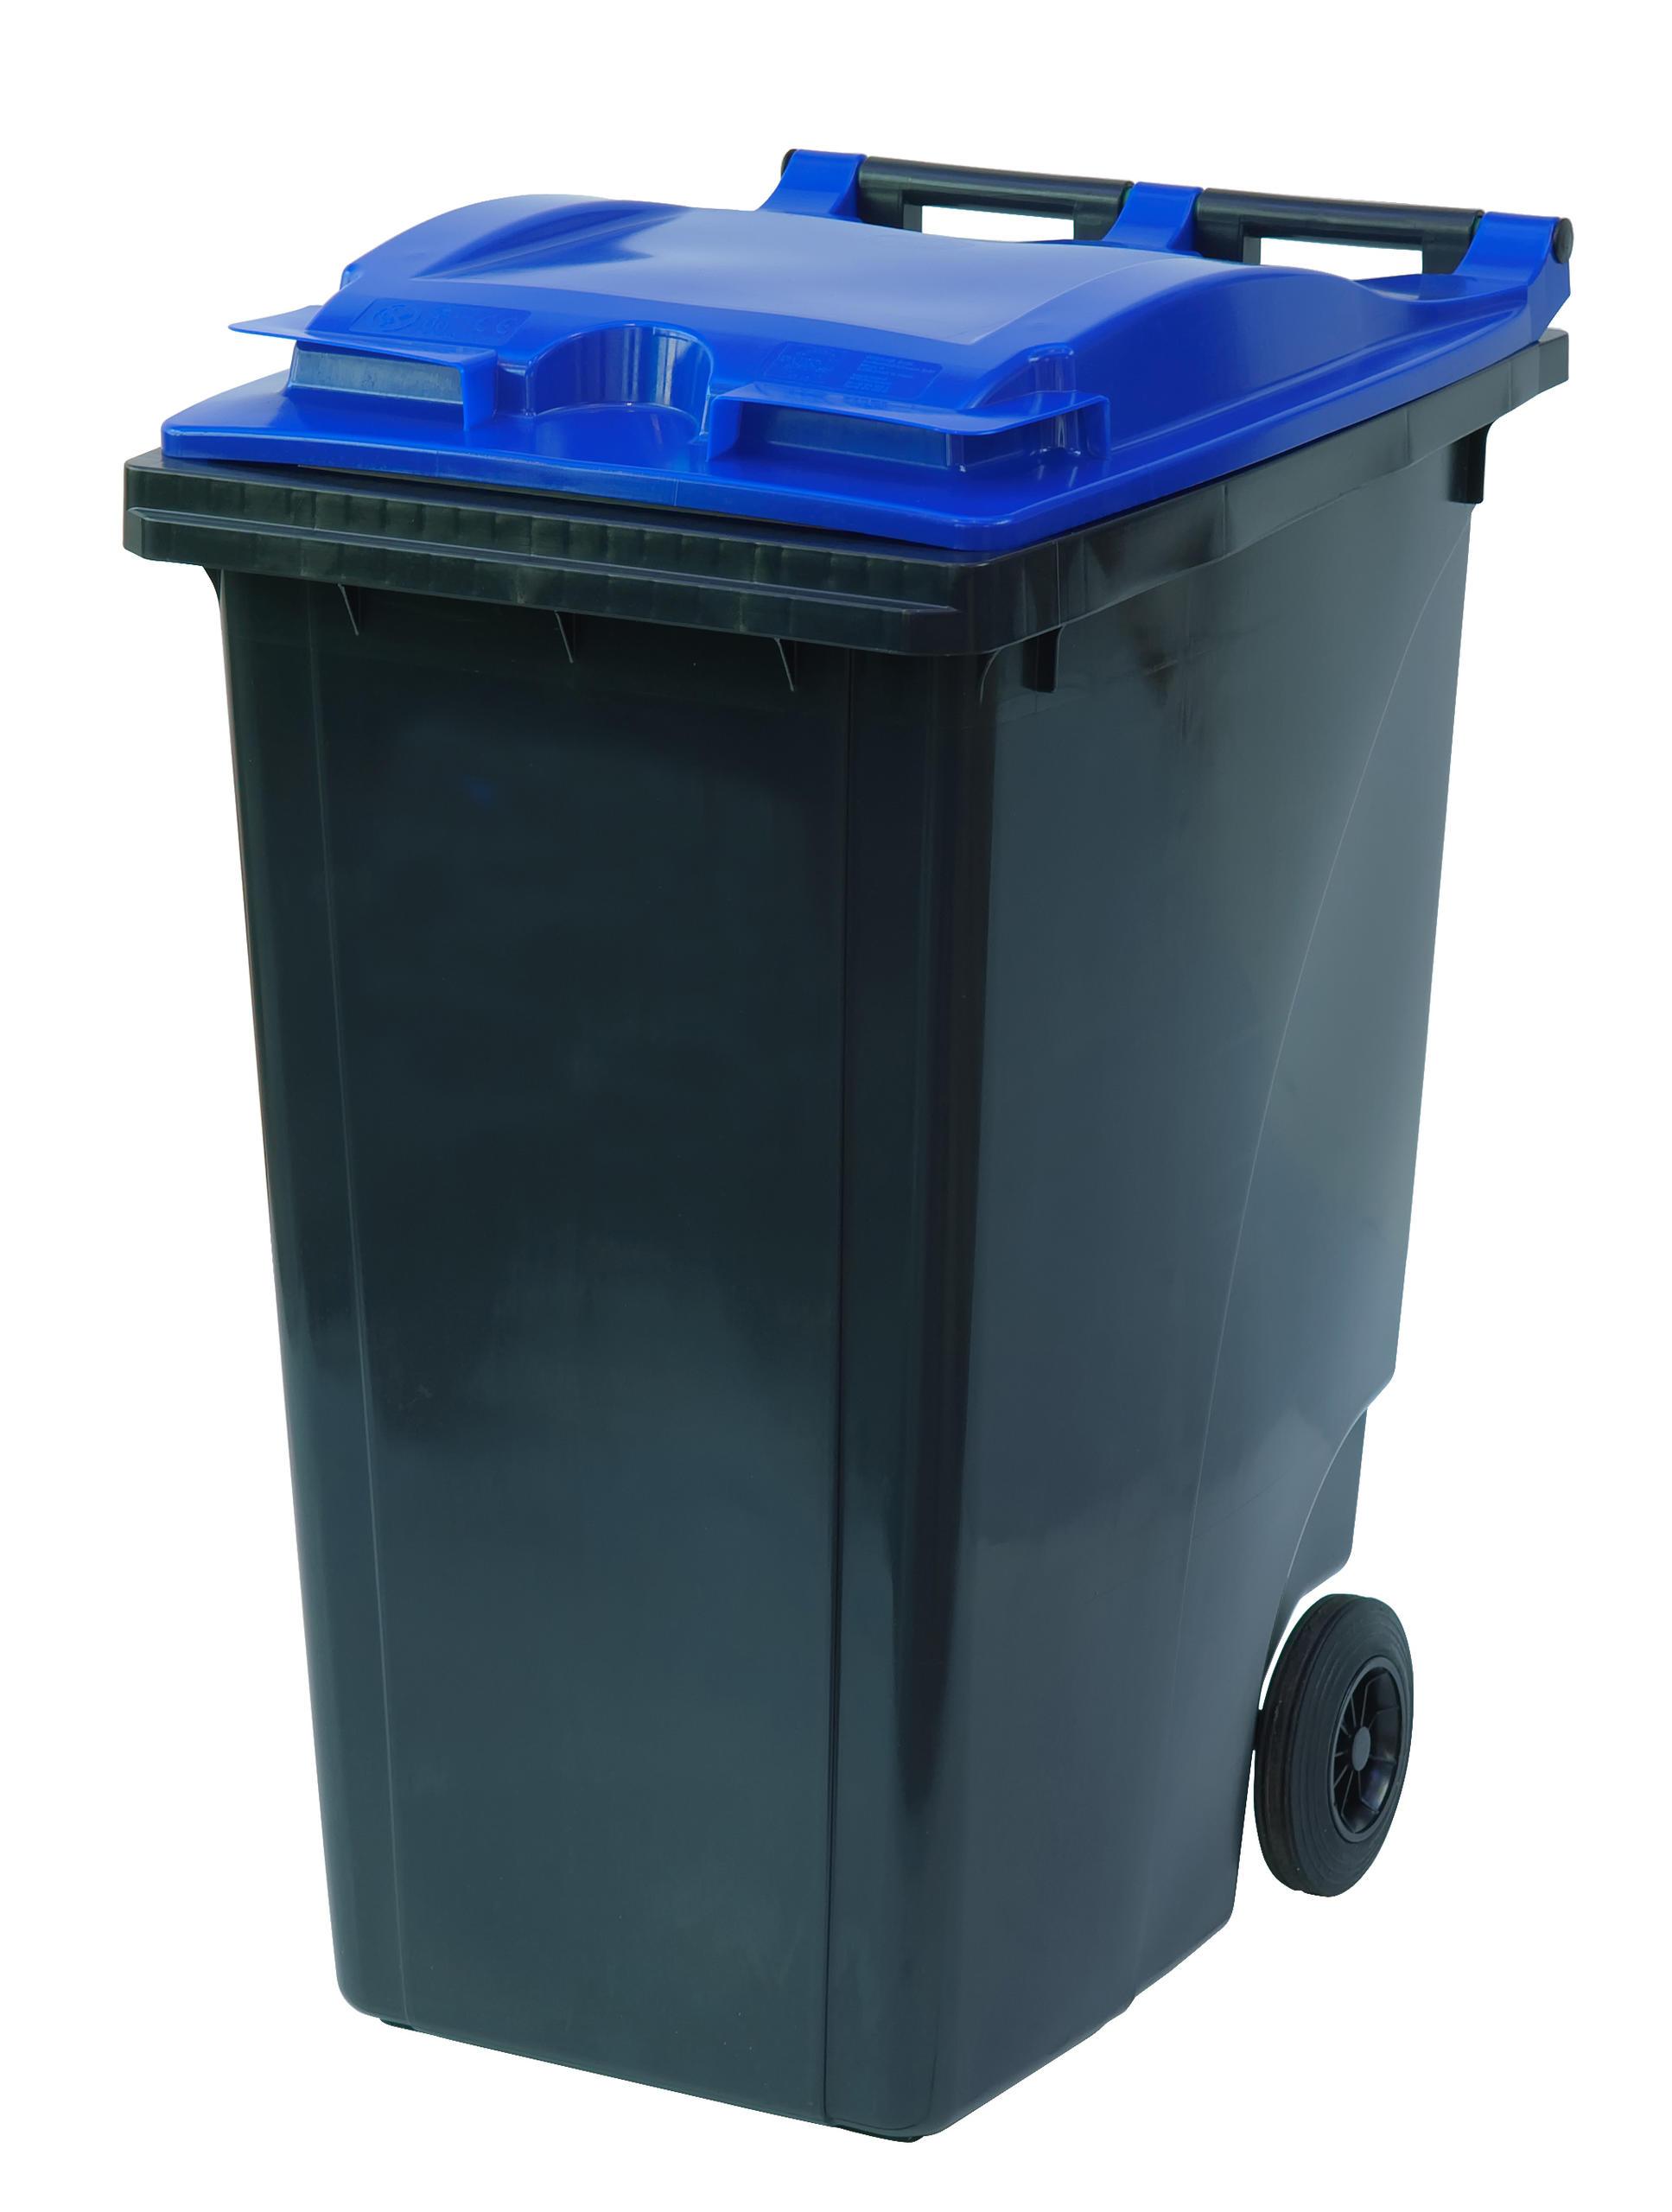 360 Liter Avfallsbeholder / Avfallsbeholder Med 2 Hjul